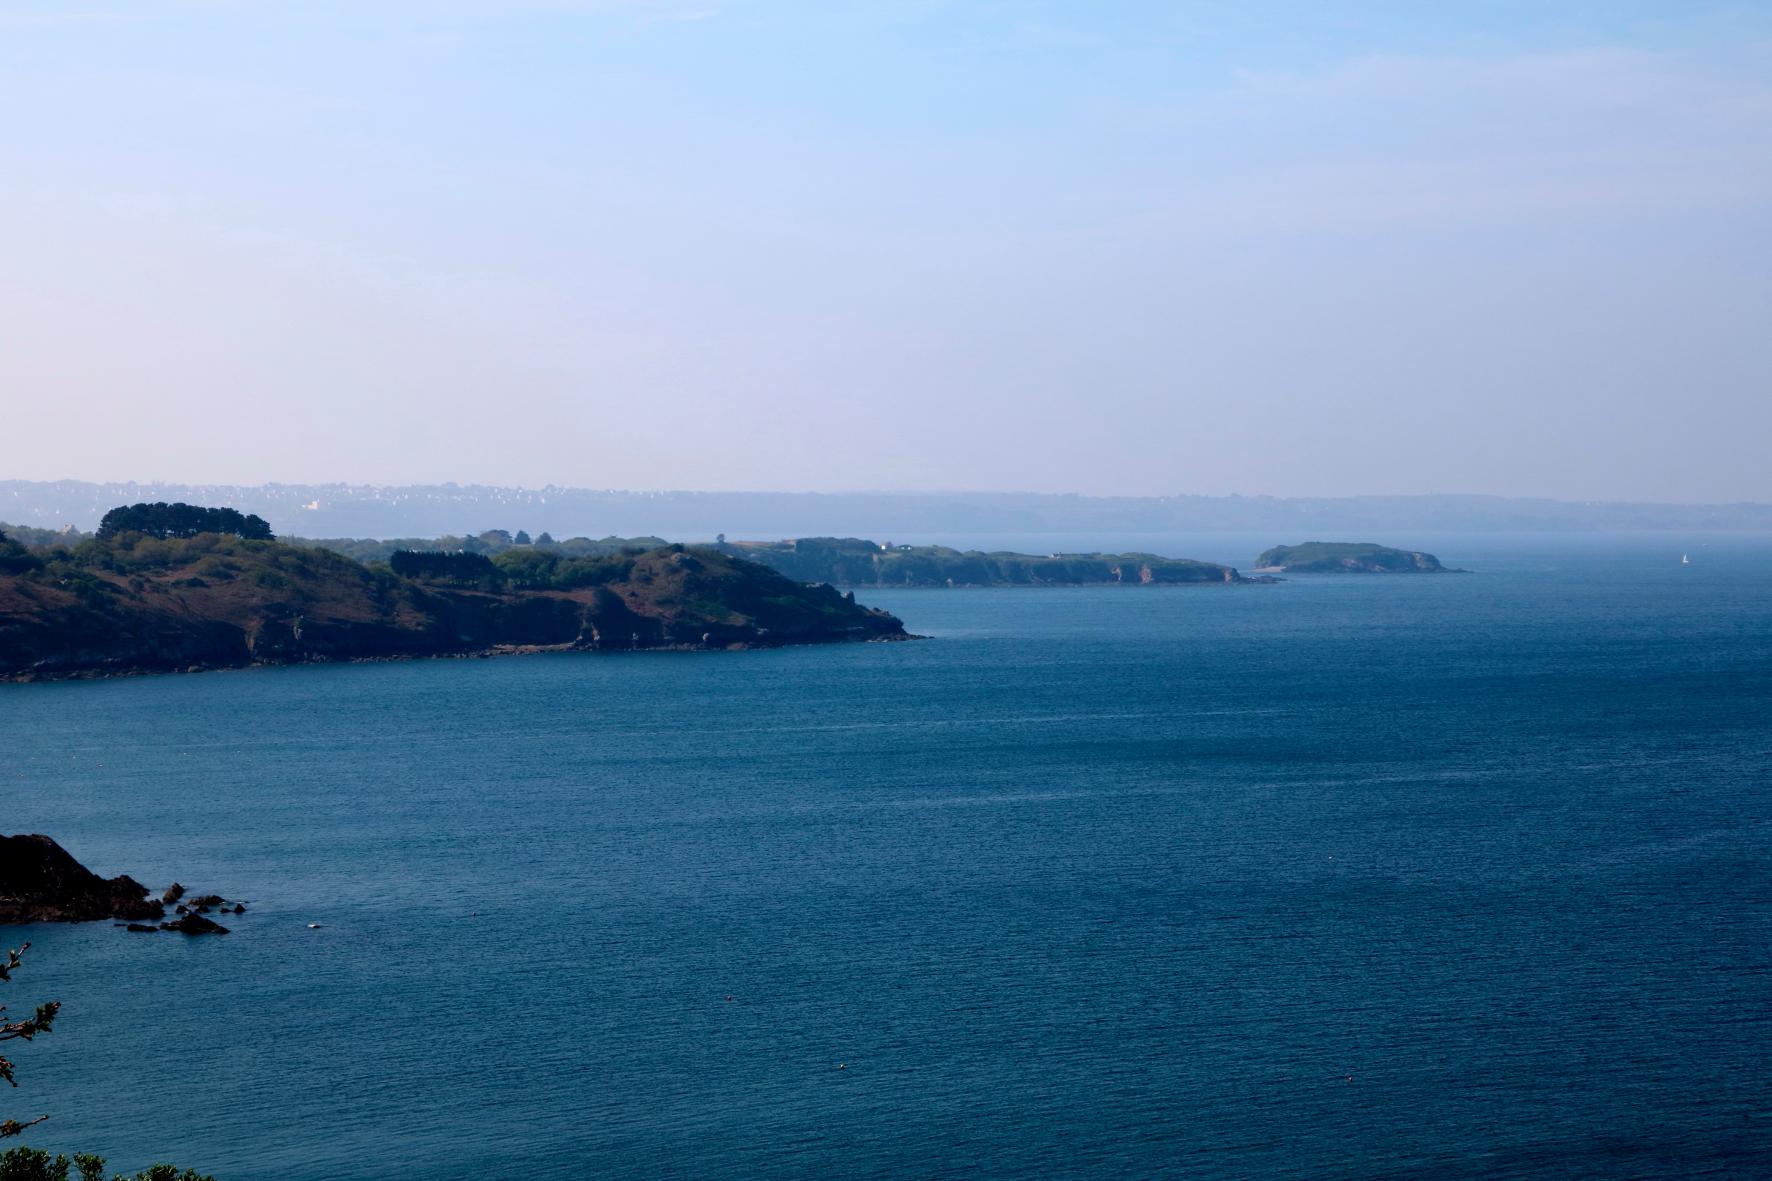 Pointe-Corbeau-22-04-136-panorama-